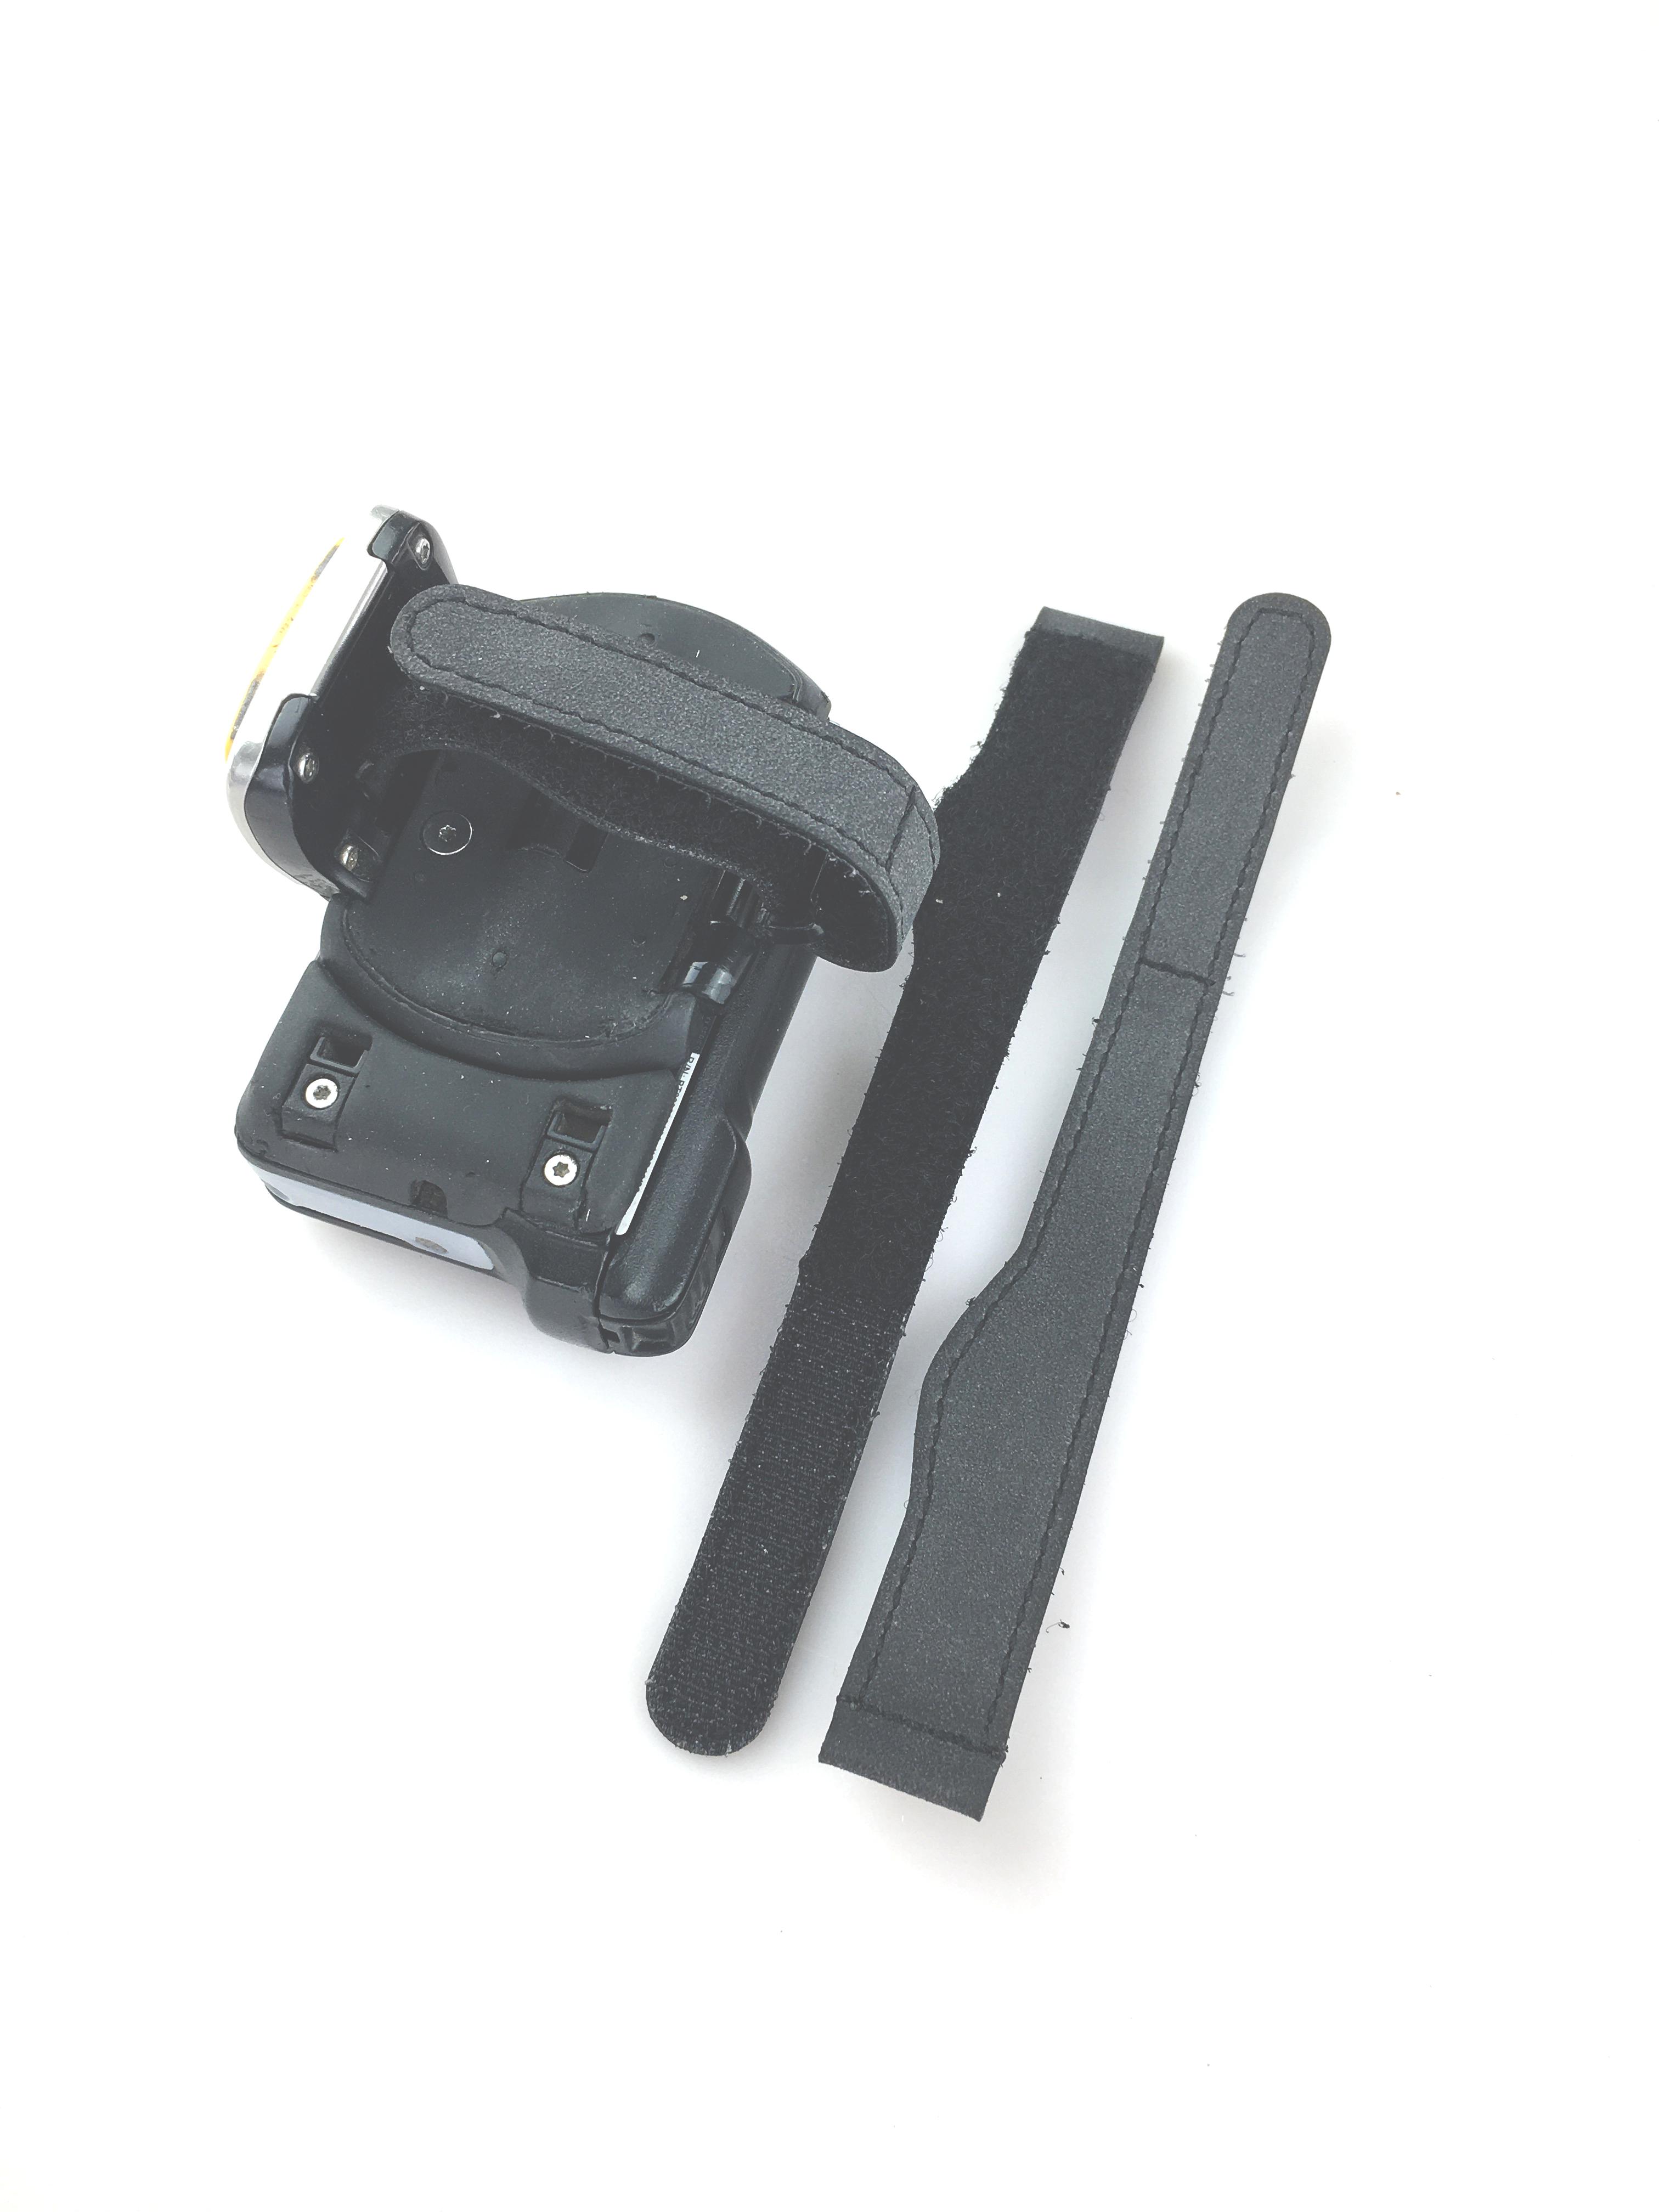 SG-NGRS-STRP2VK-finger-strap-rs6000